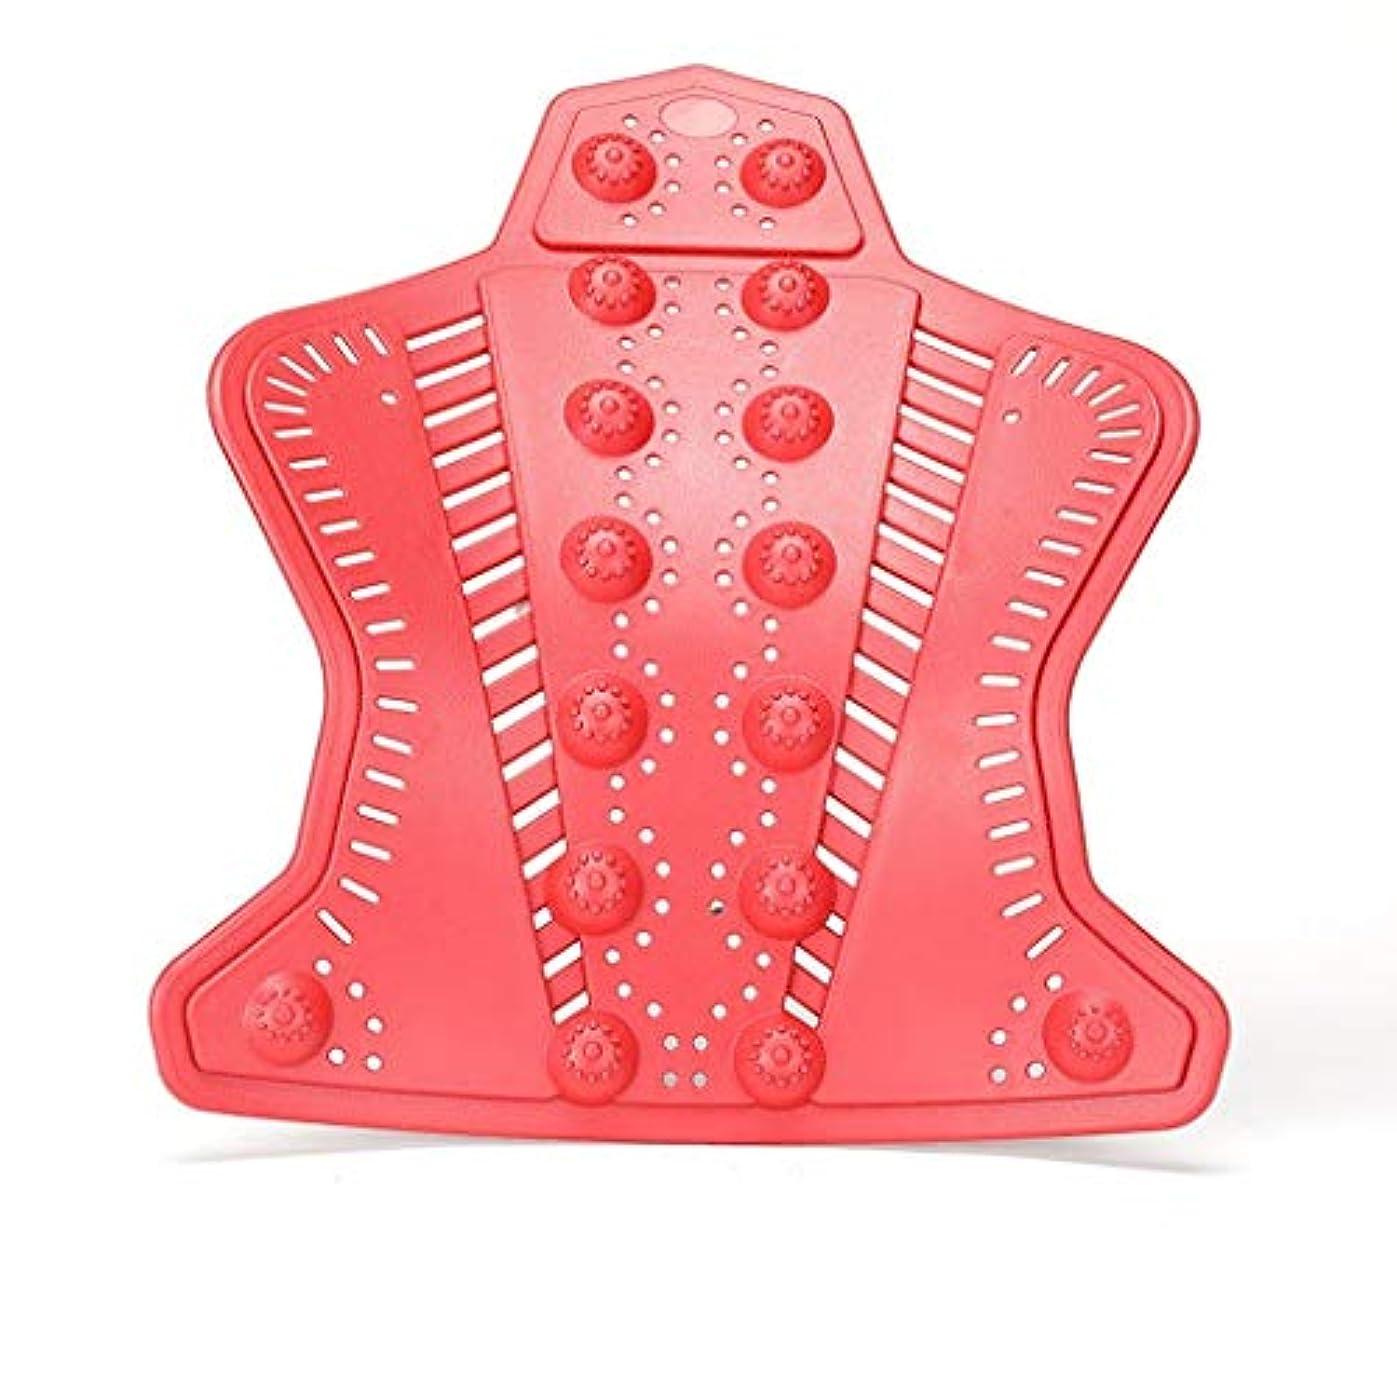 テレマコス議論する浅い背中のマッサージストレッチャーストレッチマジックウエストサポート首リラックス脊椎の痛み頚椎腰椎牽引ザトウクジラデバイス,Red